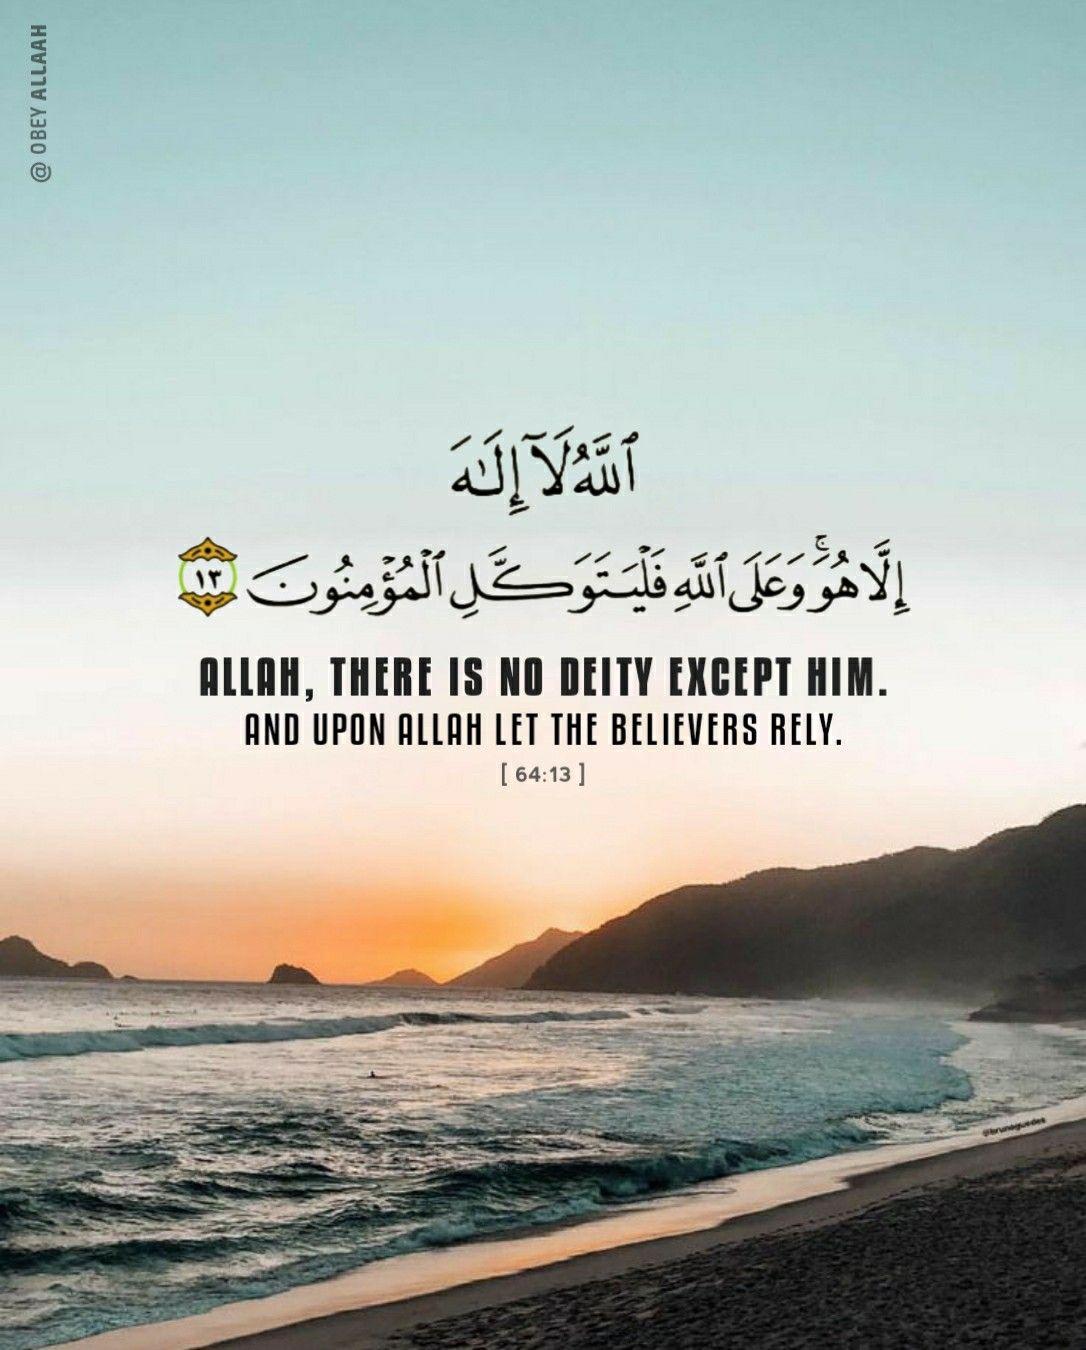 صور ايات من القرآن الكريم مكتوبة ميكساتك Islamic Quotes Quran Quran Quotes Quran Pak